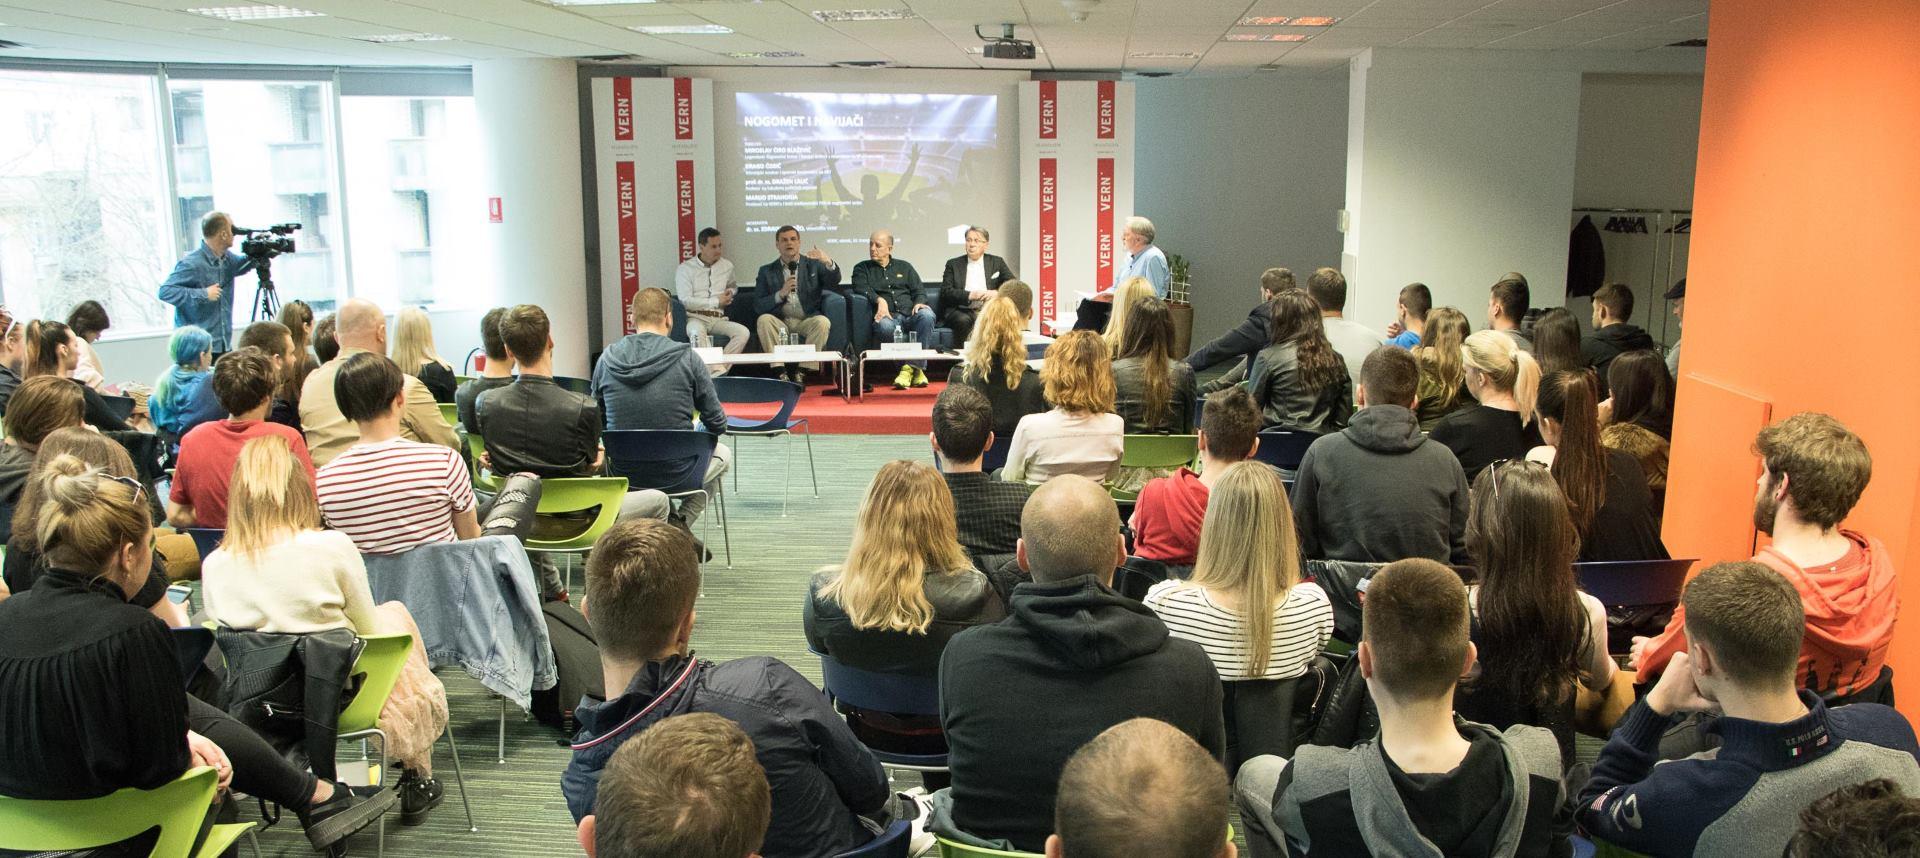 VERN' Održan panel 'Nogomet i navijači: Manje navijačkih nereda, zbog manjka gledatelja'